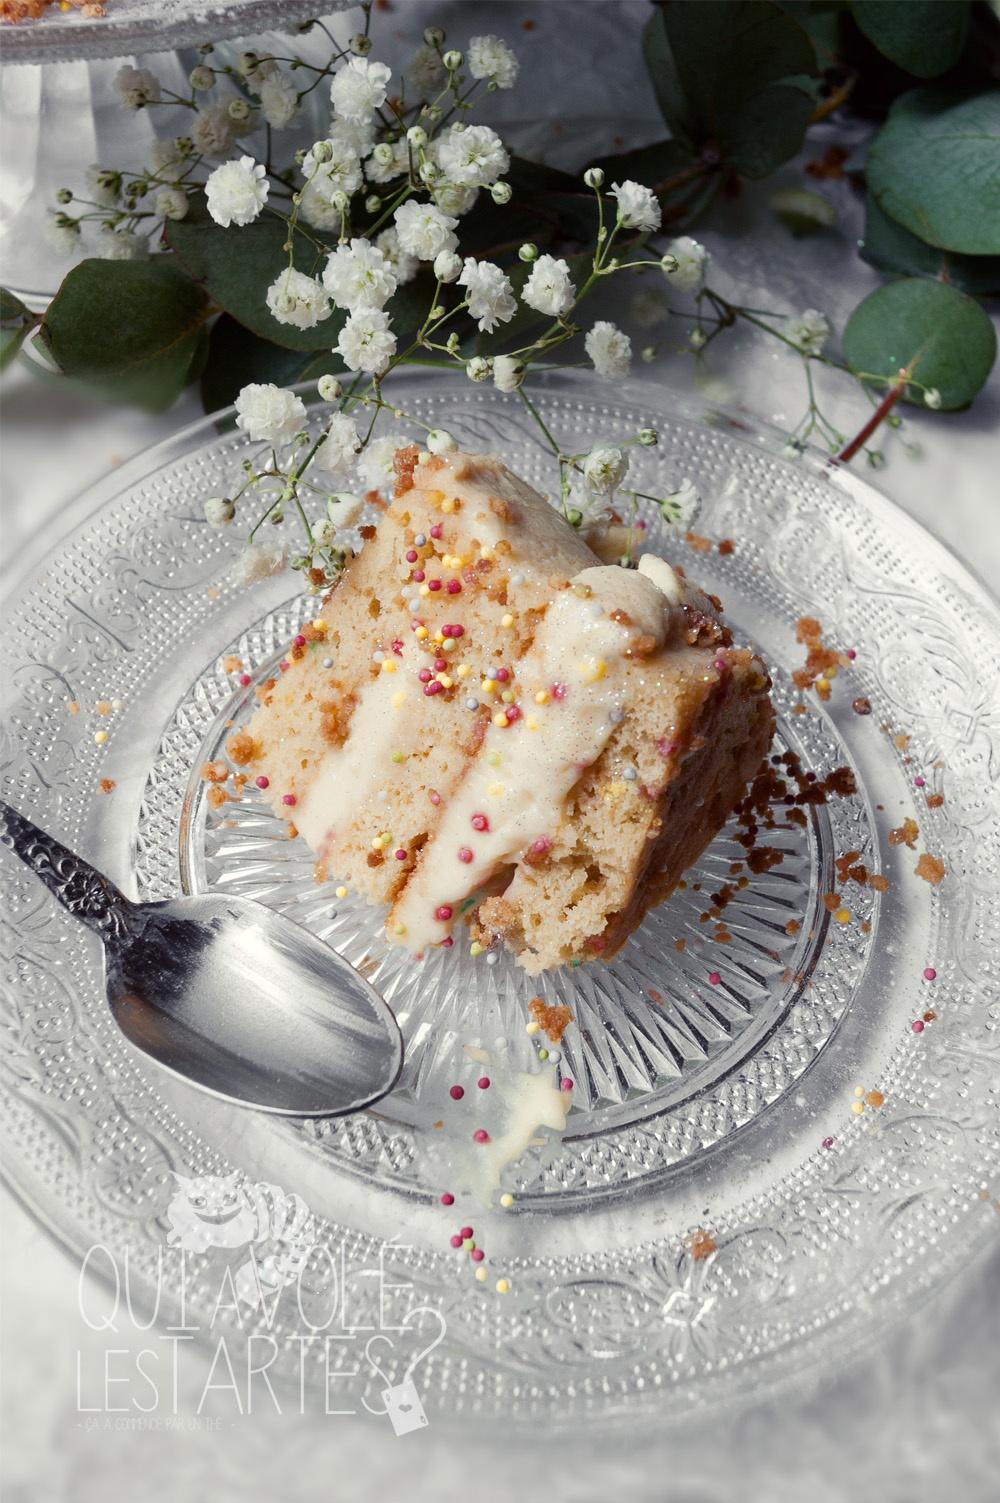 Le lapin blanc 2 - entremet vanille chocolat blanc - Studio 2 création - Qui a volé les tartes